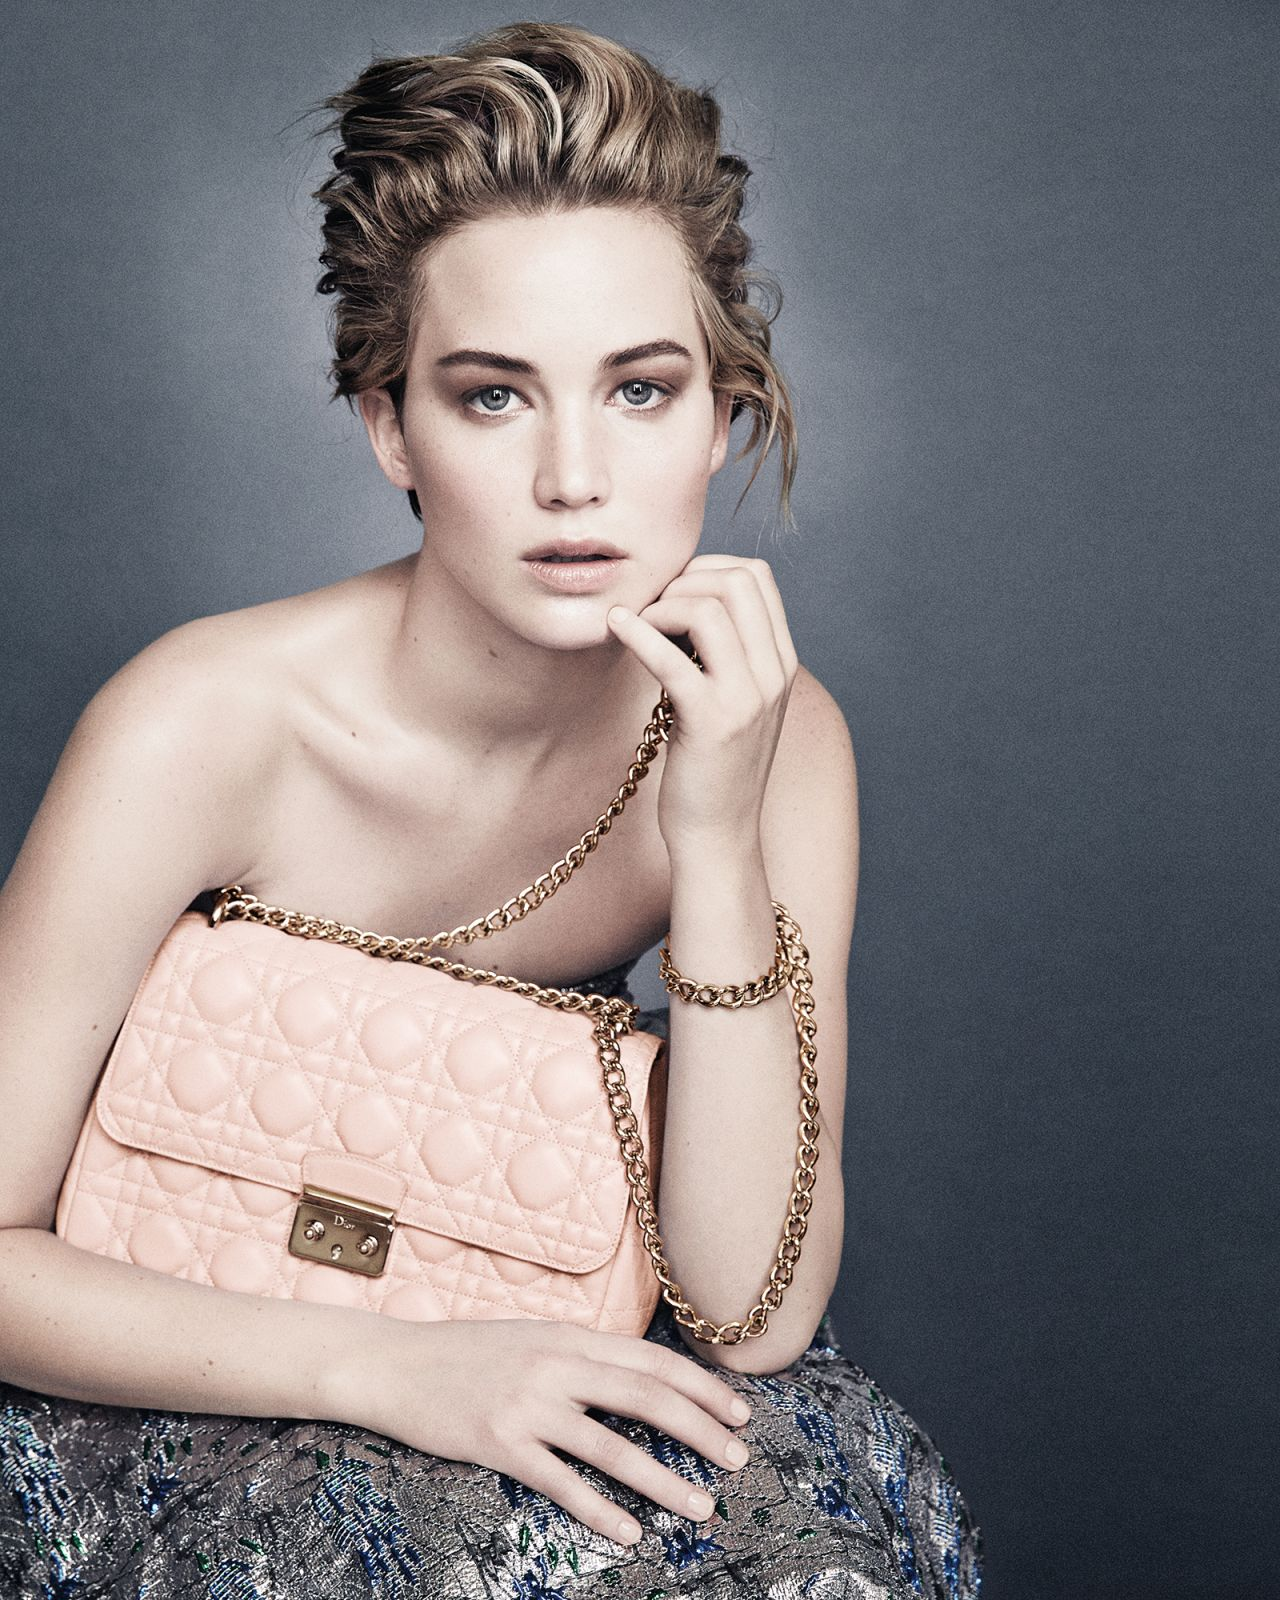 Jennifer Lawrence Photoshoot 2014